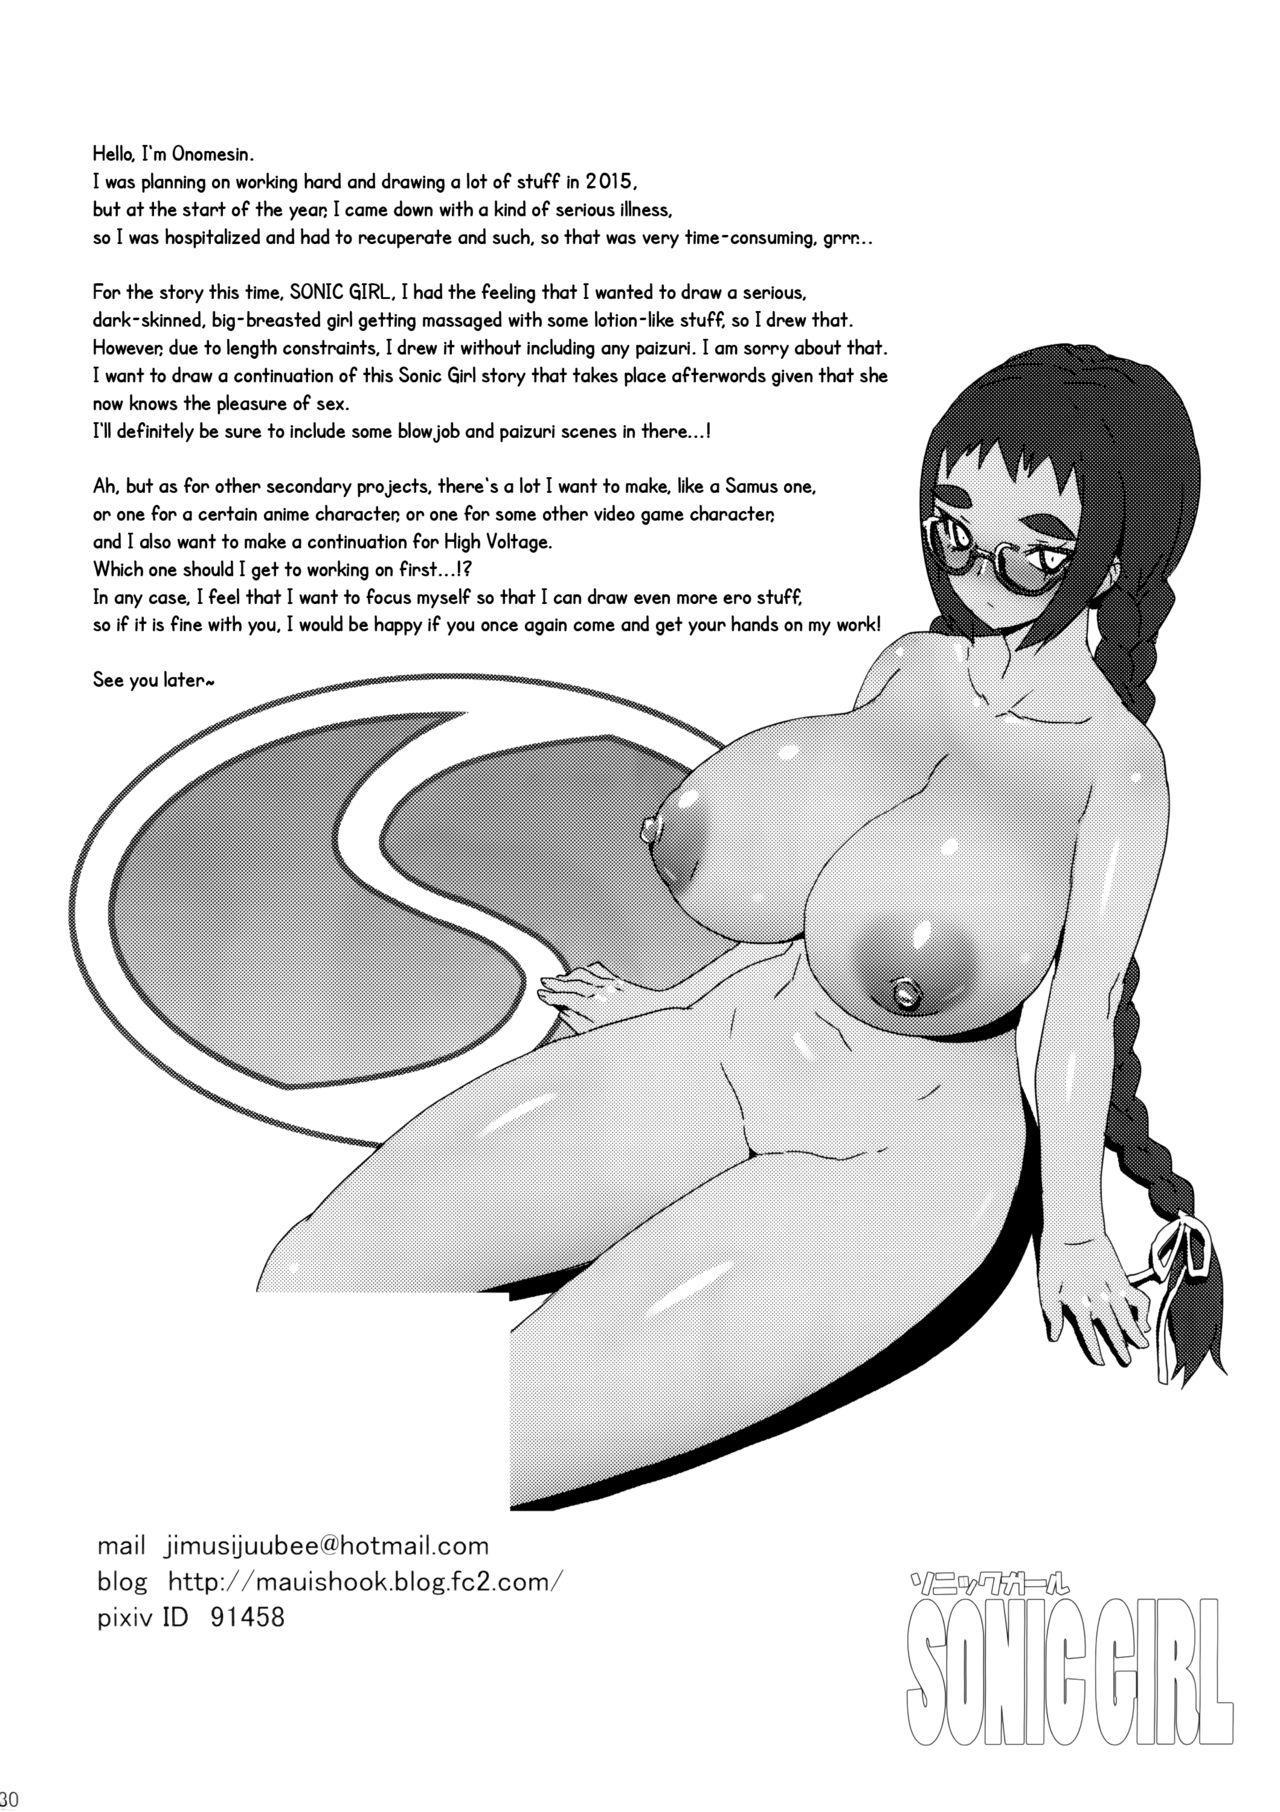 SONIC GIRL 29